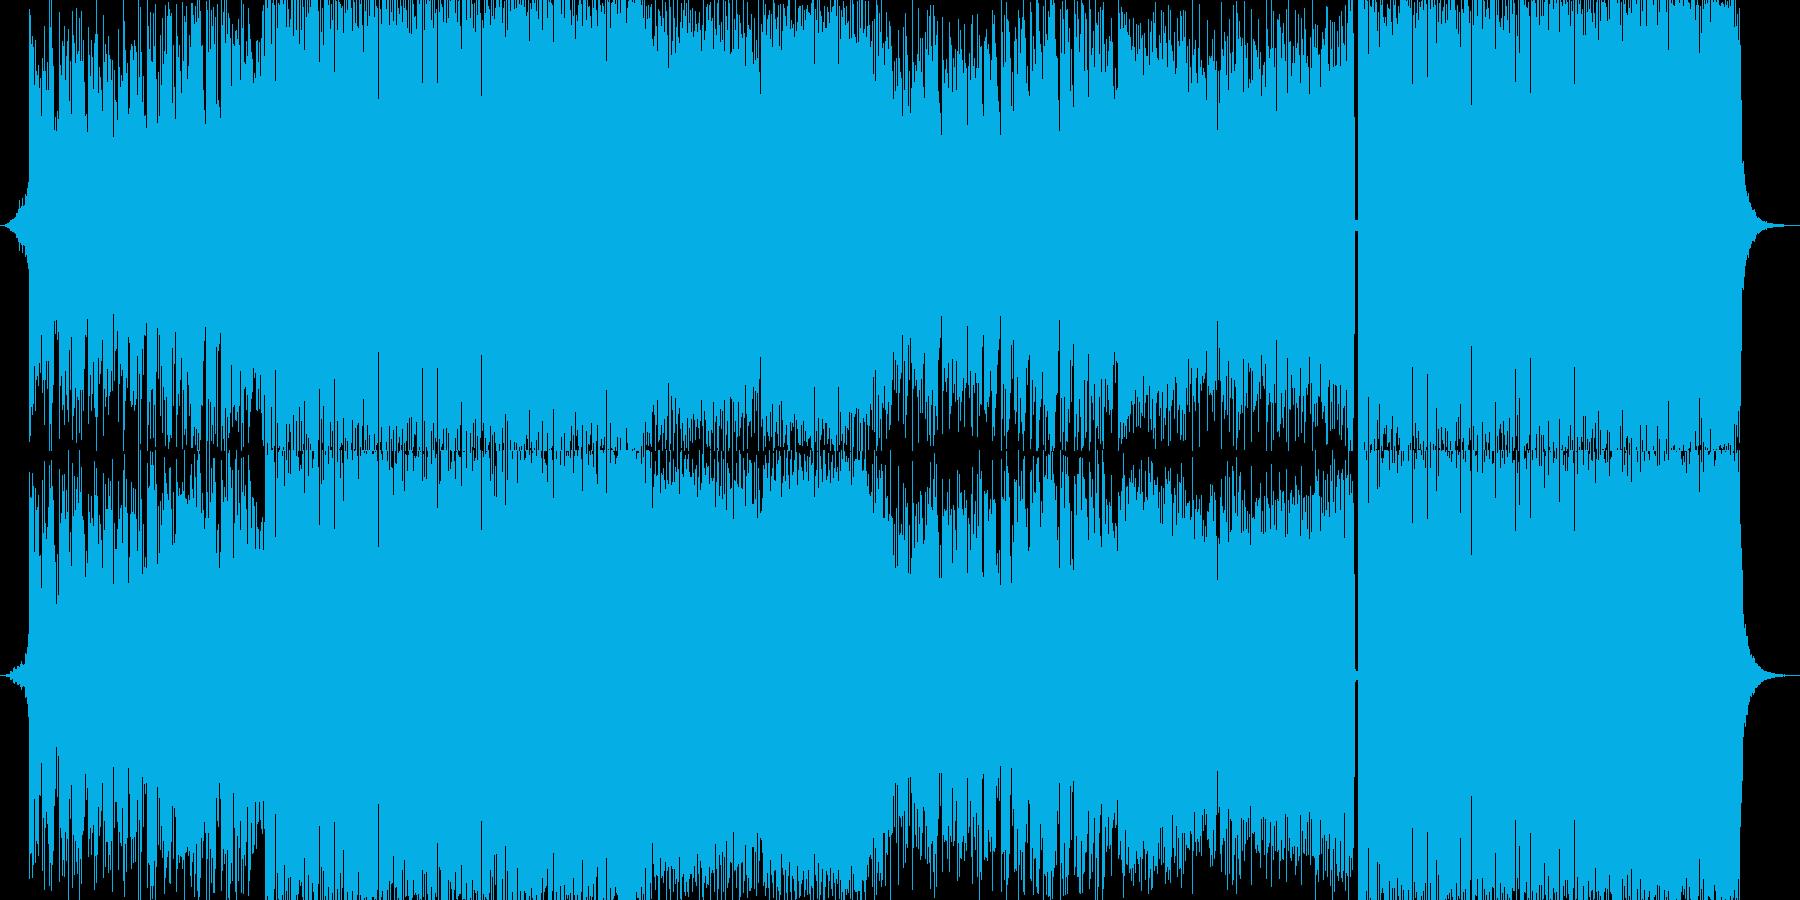 神秘的ファンタジーRPGのオープニング…の再生済みの波形